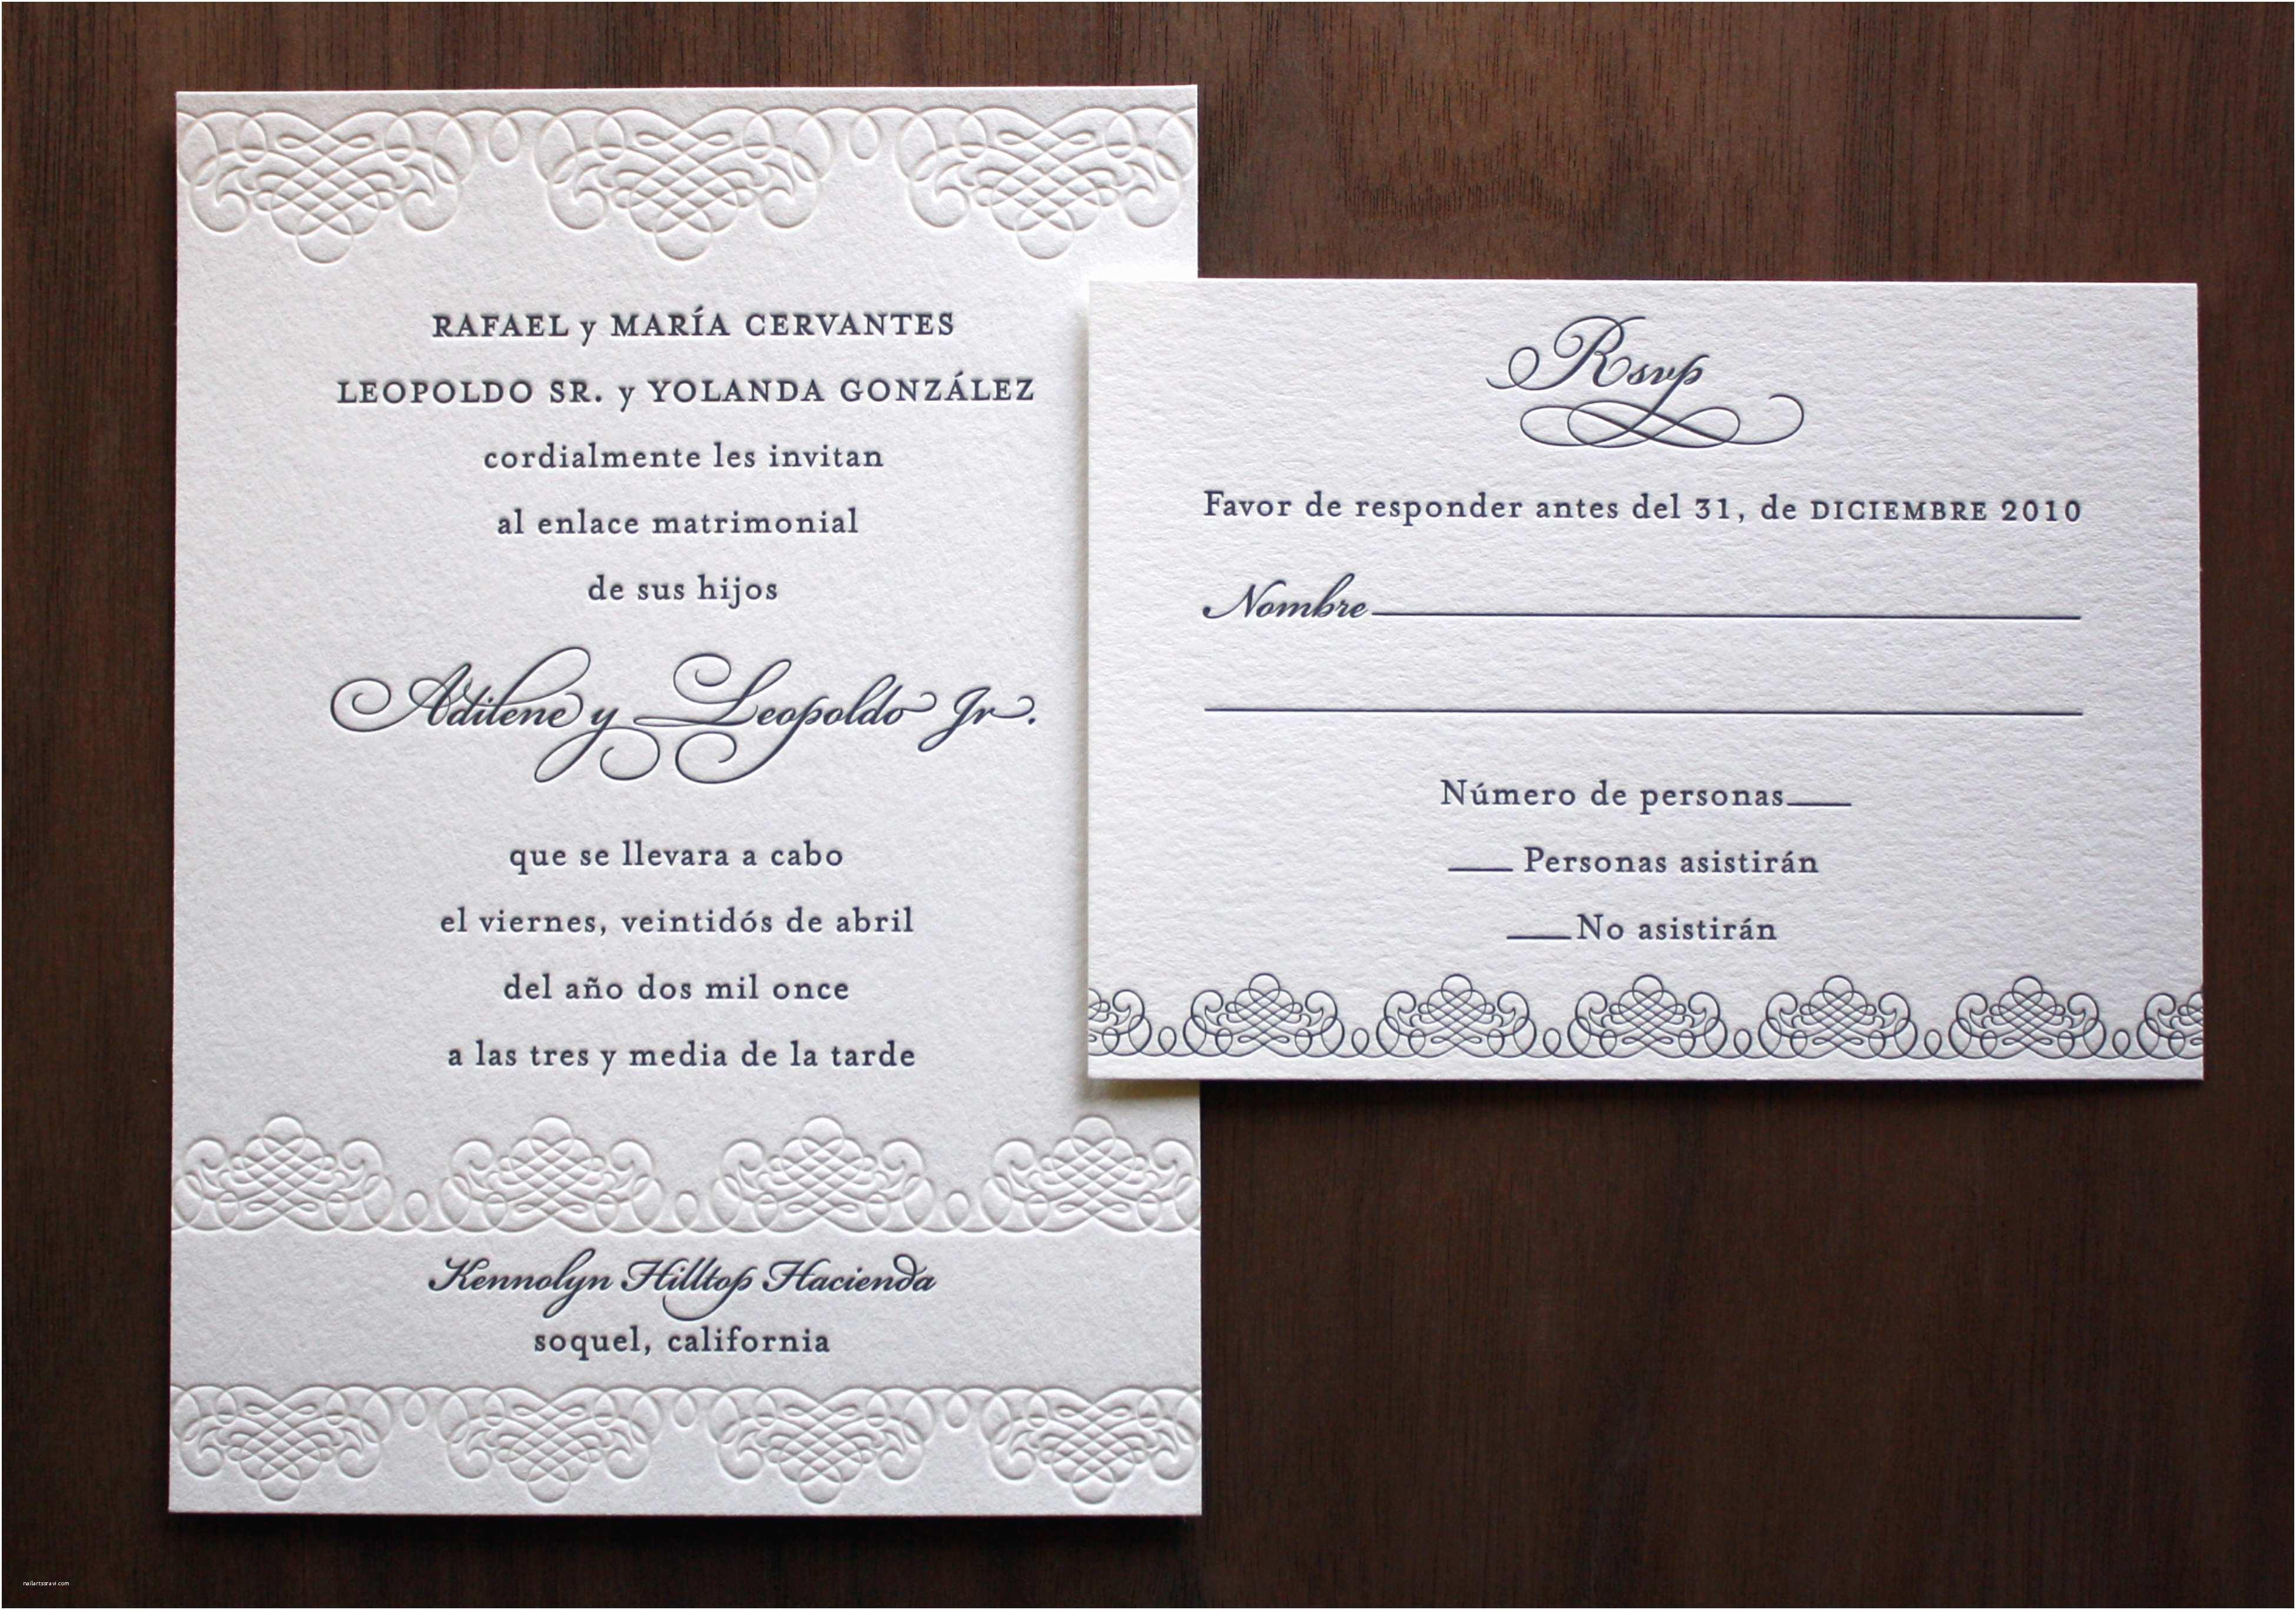 Catholic Wedding Invitation Wording Sacrament Catholic Wedding Invitation Template Traditional Catholic